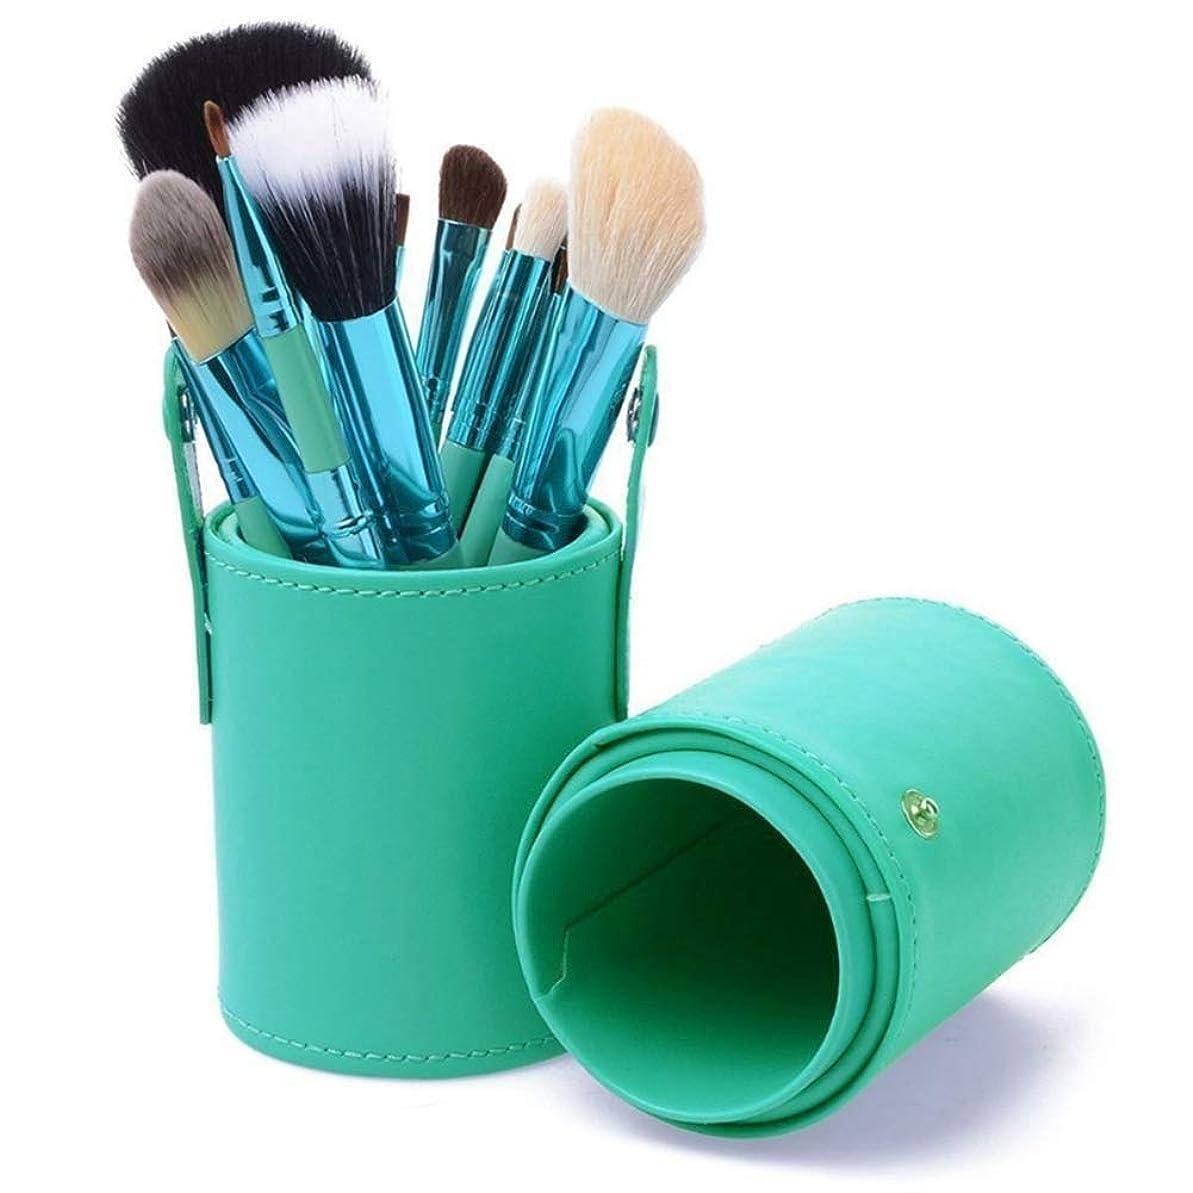 ペパーミント覚醒なしでLT 化粧ブラシセット12ピースプロフェッショナルメイクアップブラシフルセットフェイシャルアイシャドウパウダーブラシpuトラベルケース、ギフトボックス、ピンク (Color : Green)